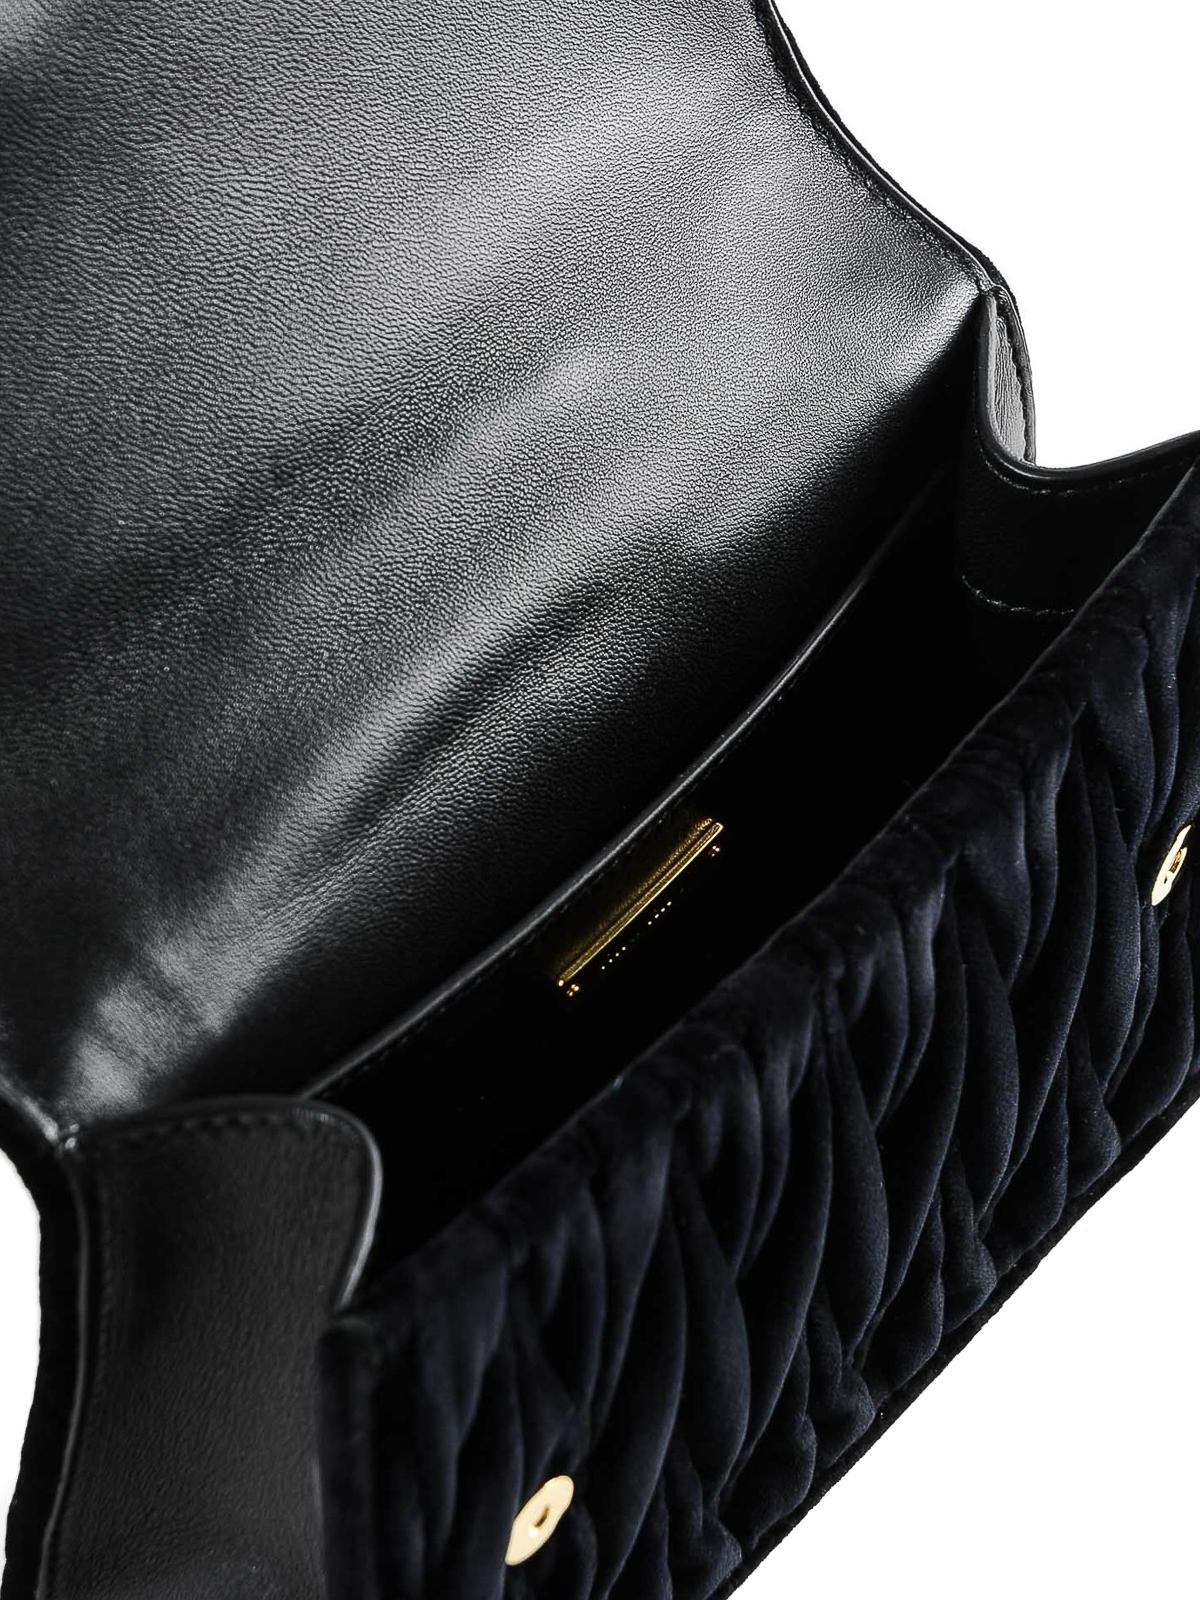 5921beb144d1 Miu Miu - Lady velvet jewel cross body bag - cross body bags ...